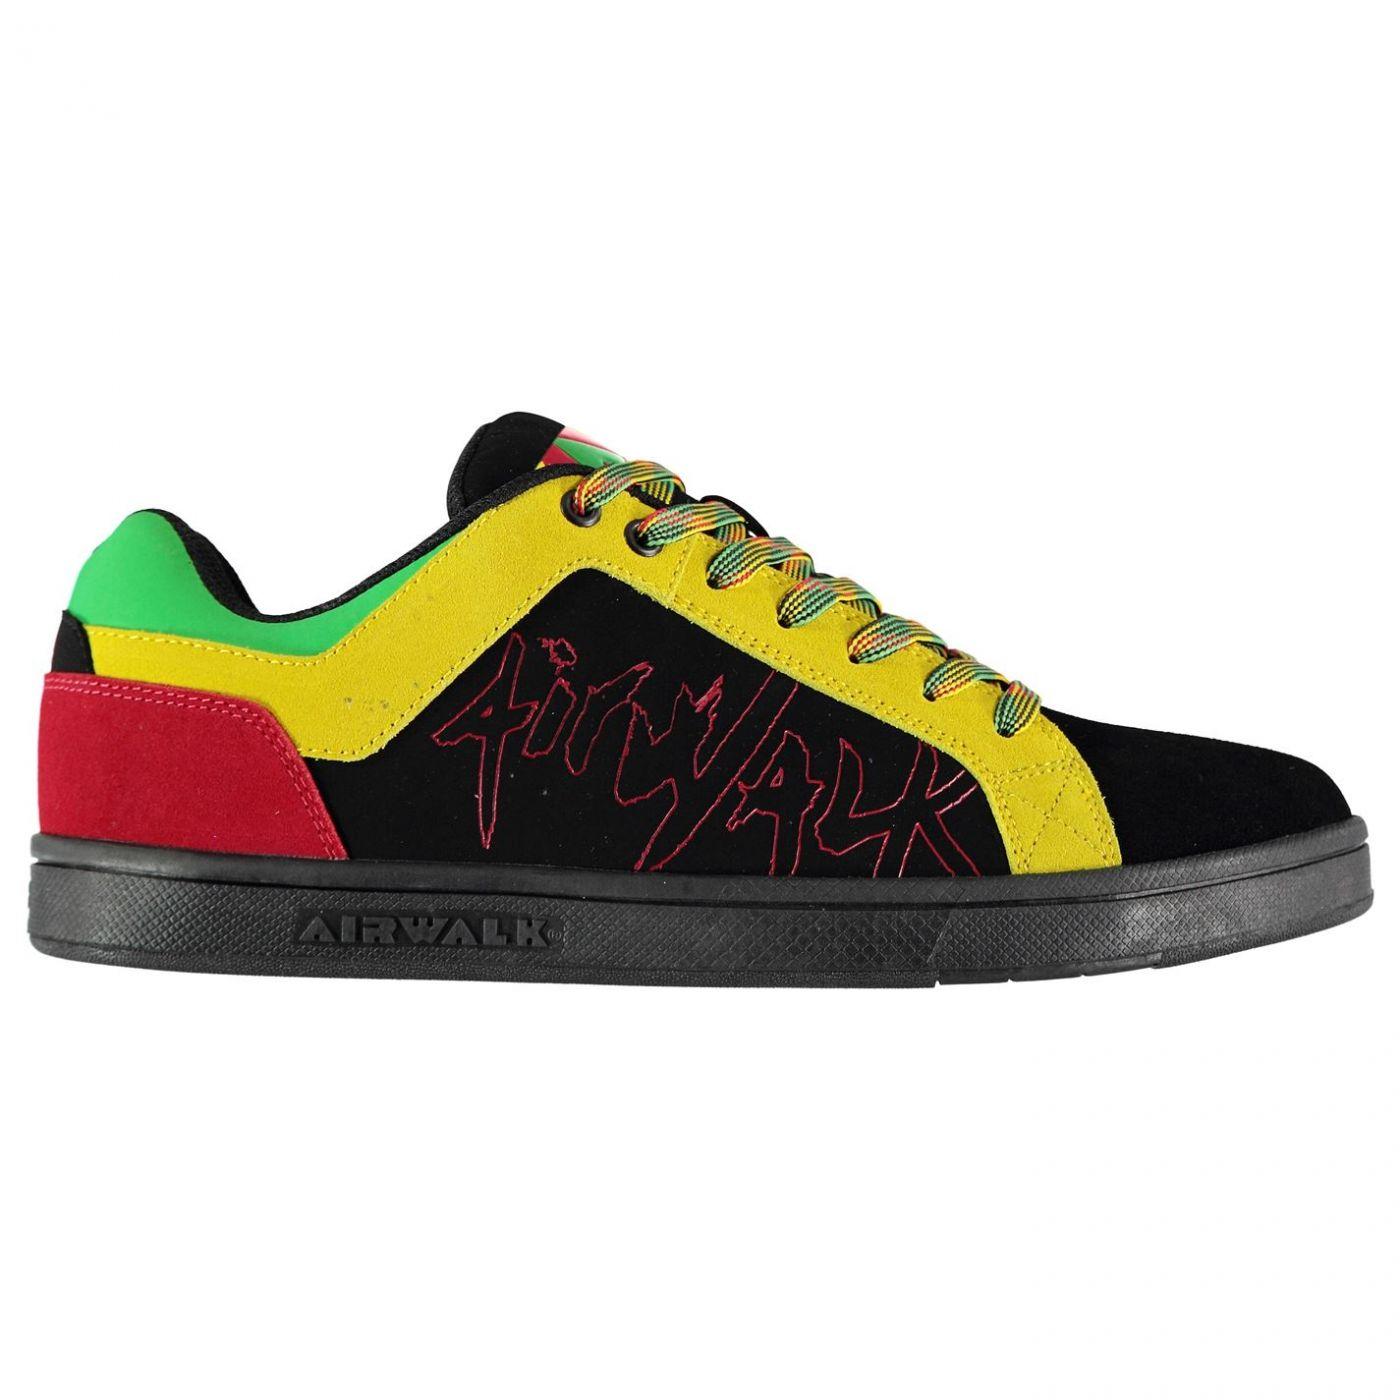 Airwalk Neptune Mens Skate Shoes